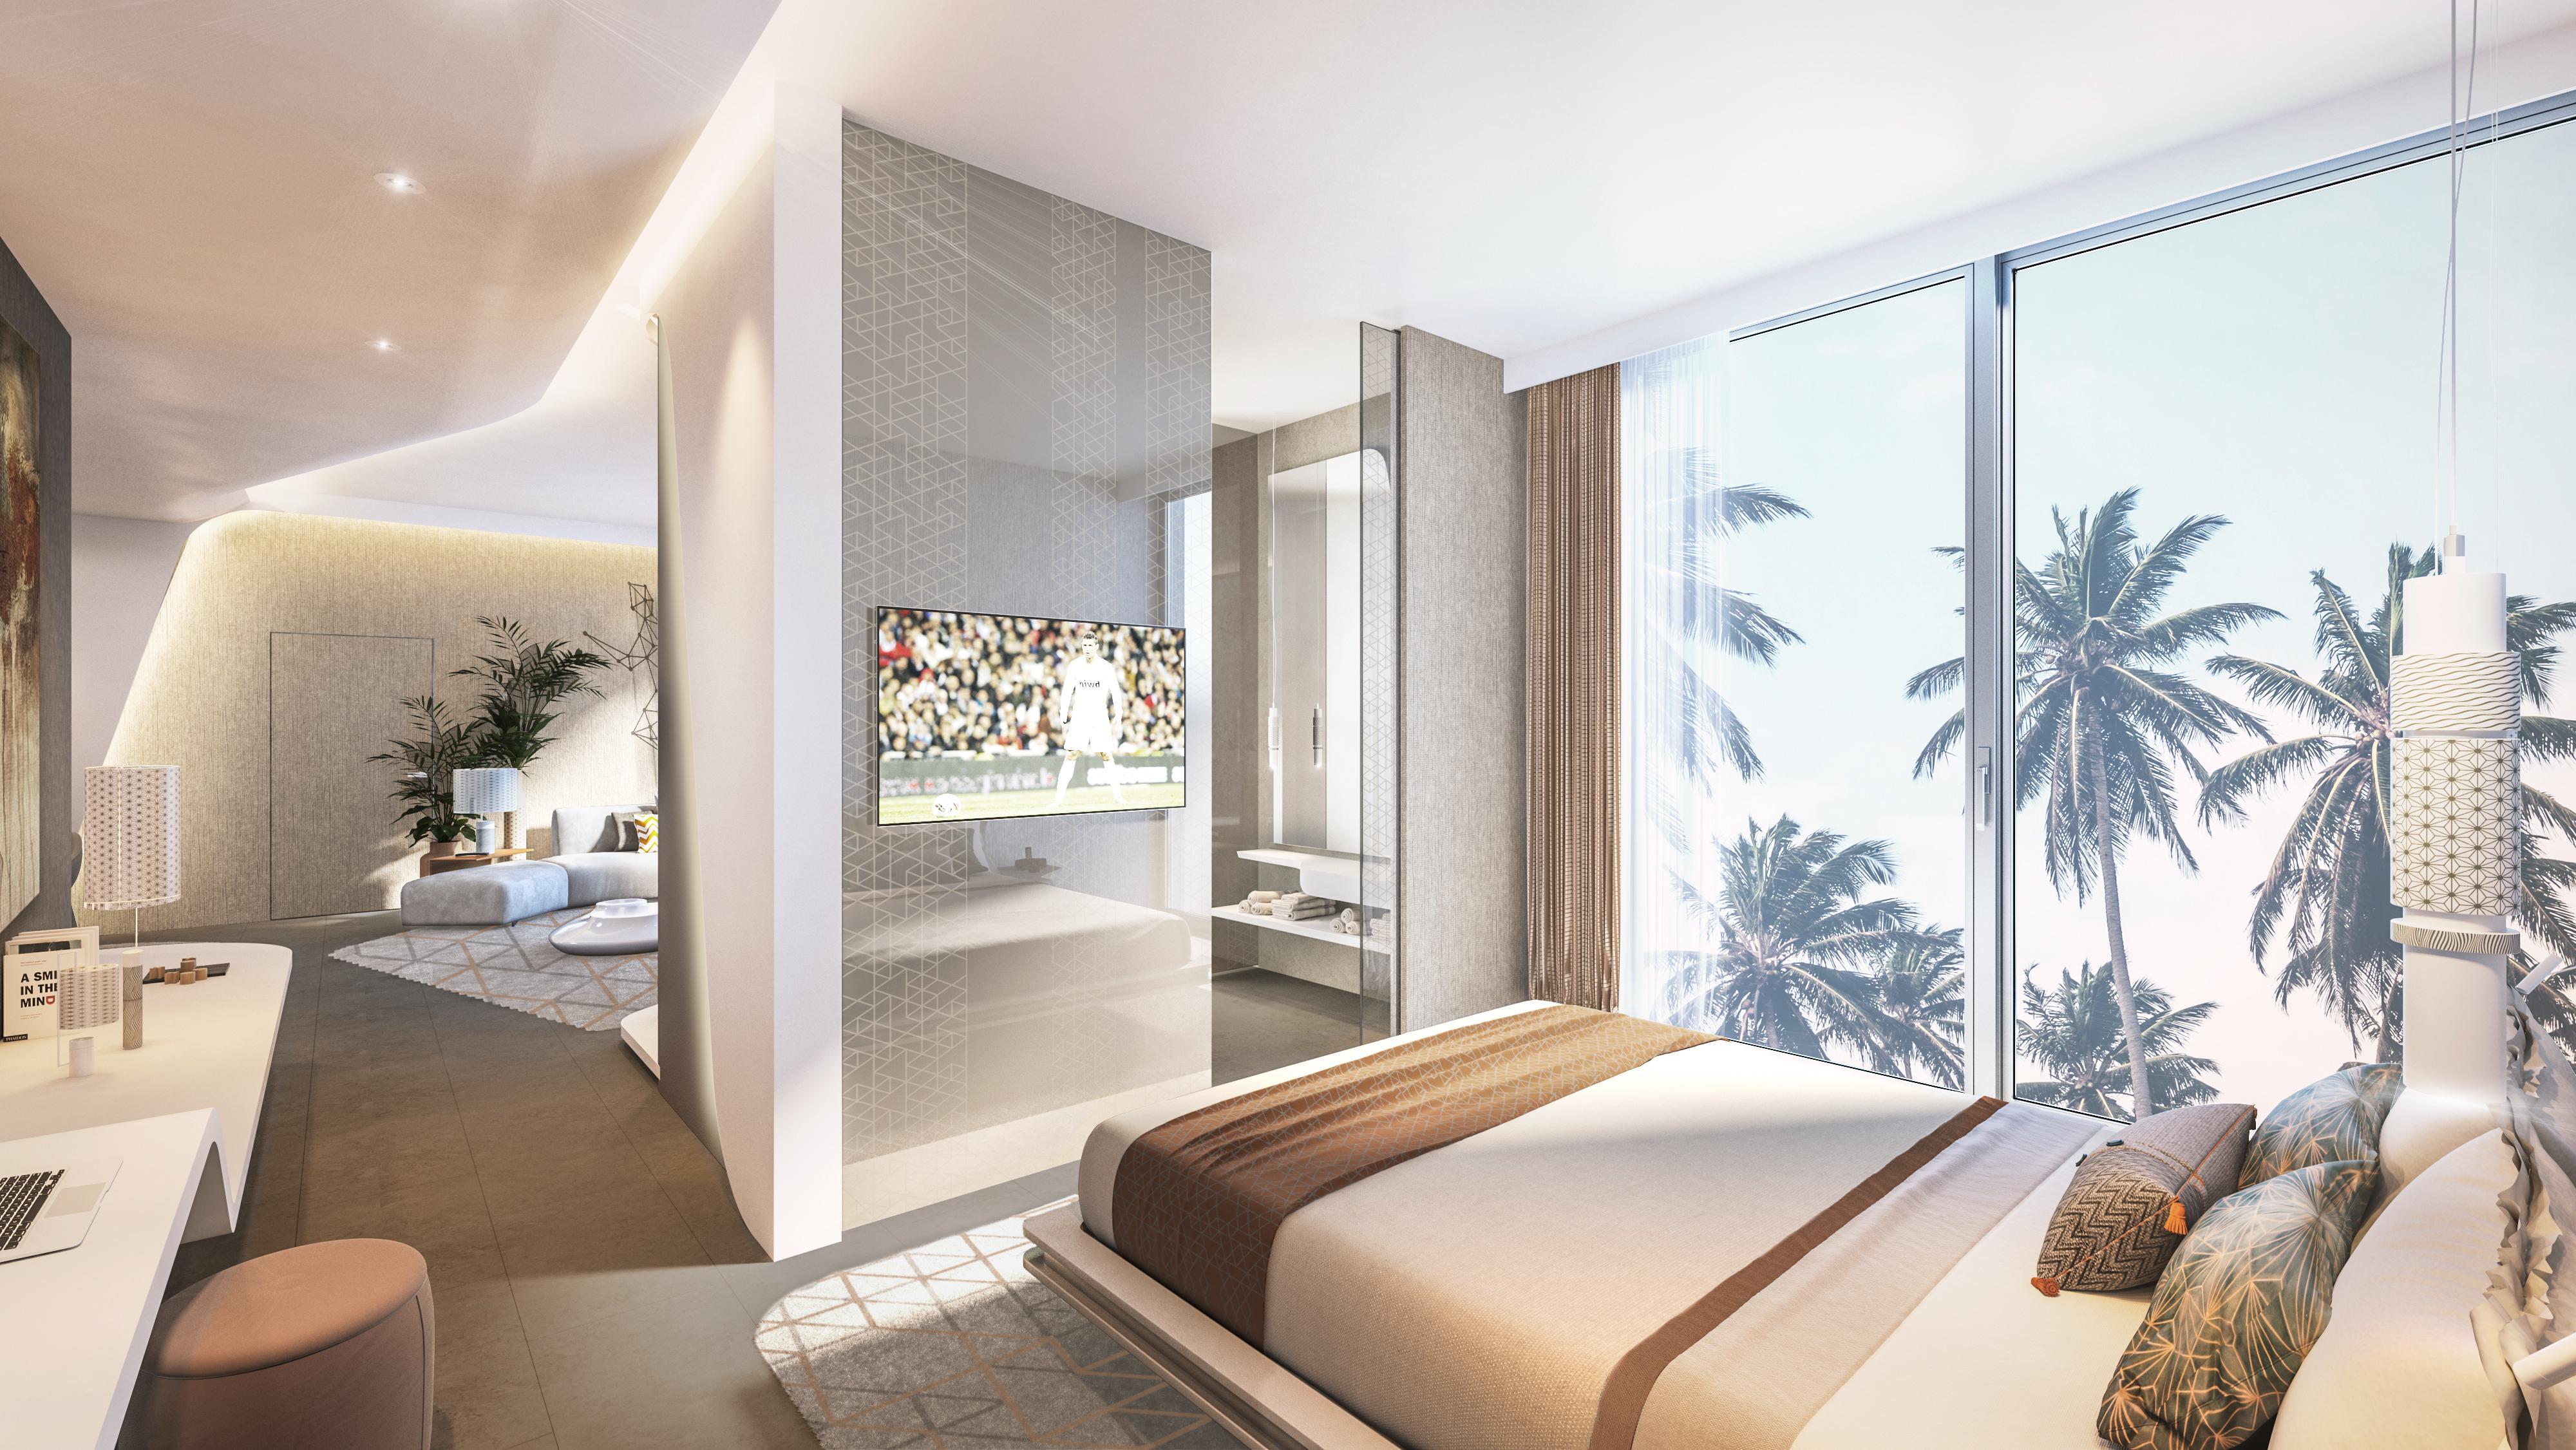 Un rendering di una camera del nuovo hotel di Cristiano Ronaldo